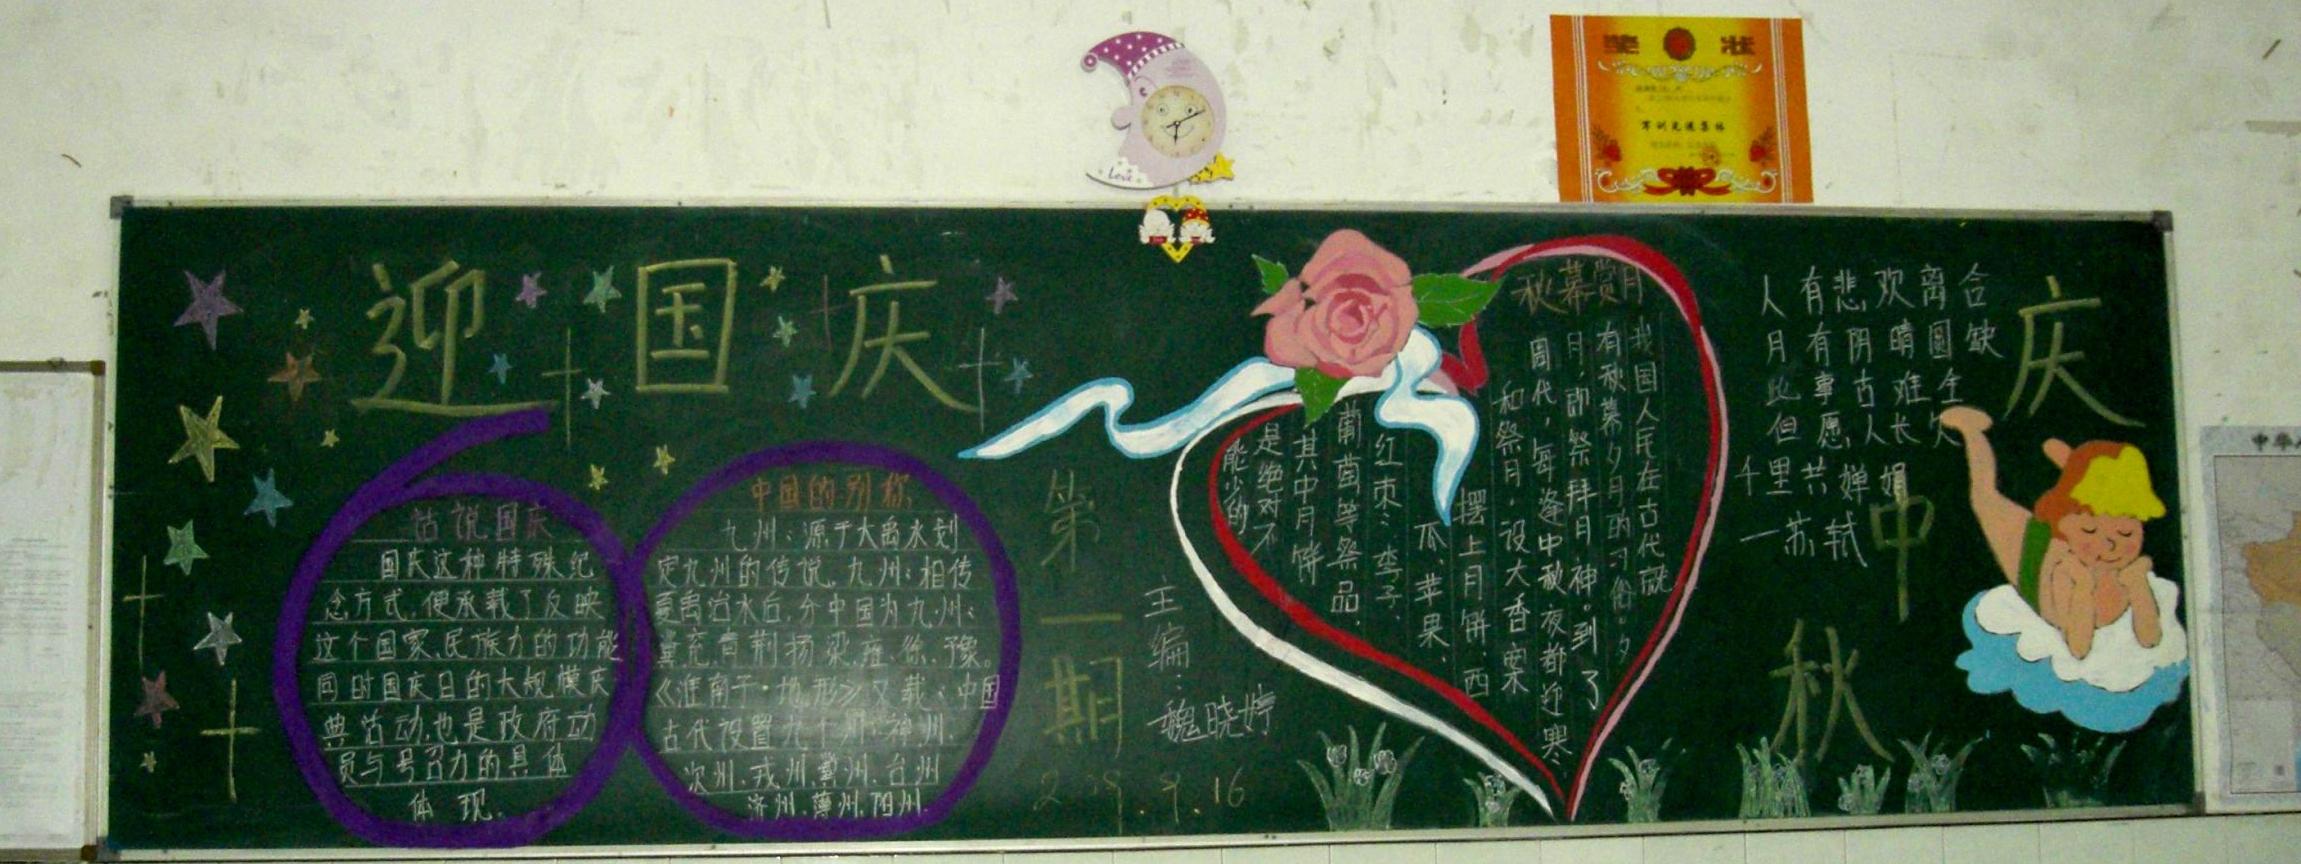 黑板报版面设计图 迎国庆庆中秋黑板报